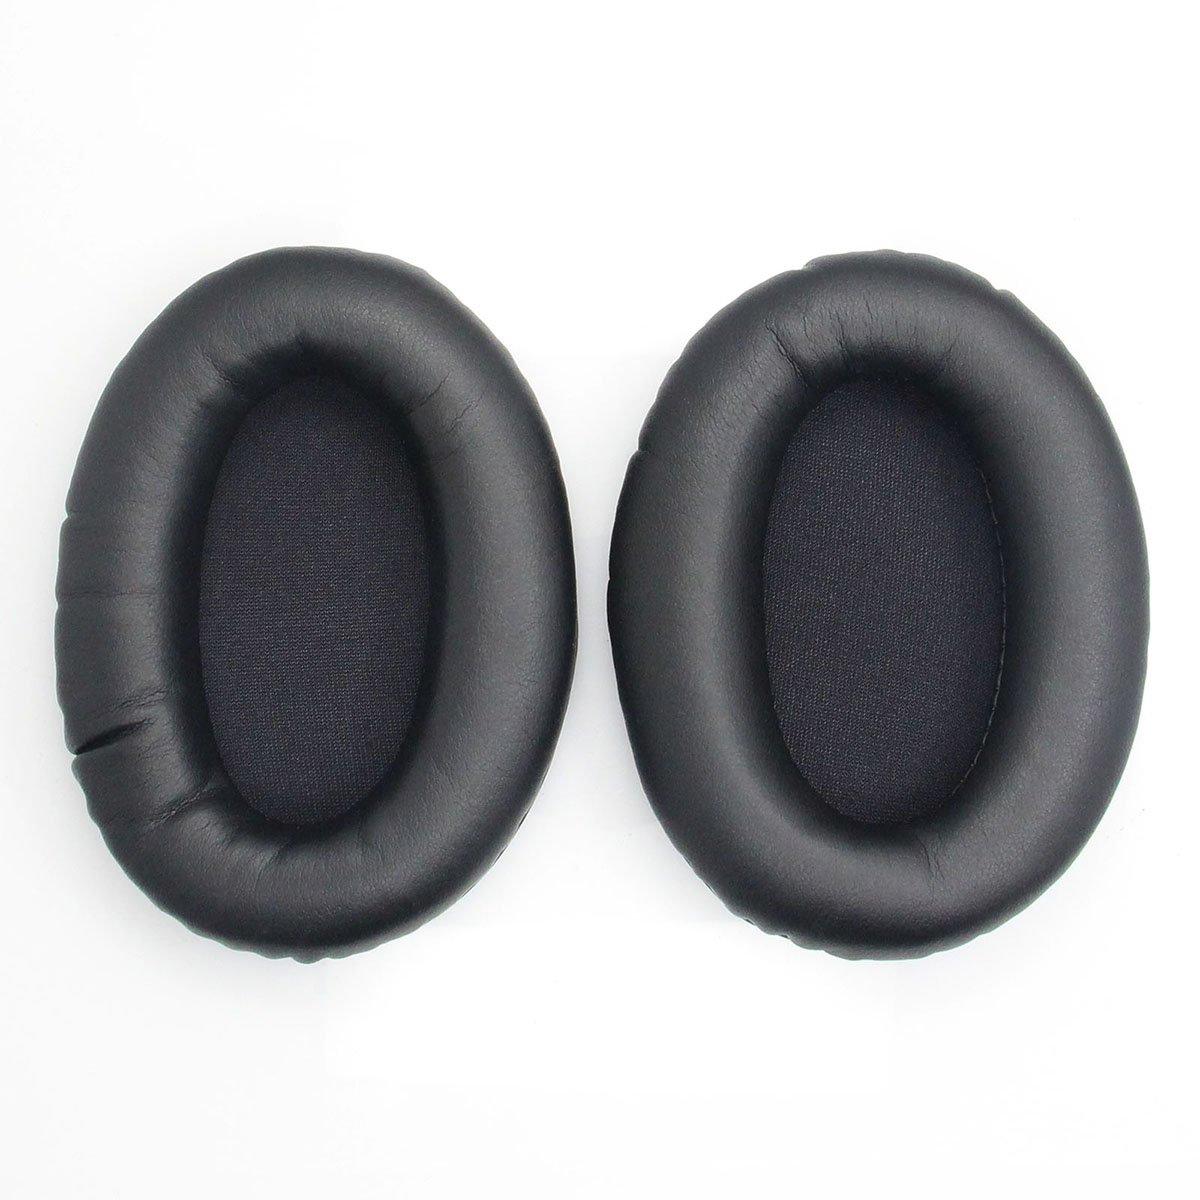 KUKE Almohadillas de repuesto para auriculares de espuma suave para Kingston HyperX Cloud II KHX-HSCP-GM (1 par): Amazon.es: Electrónica